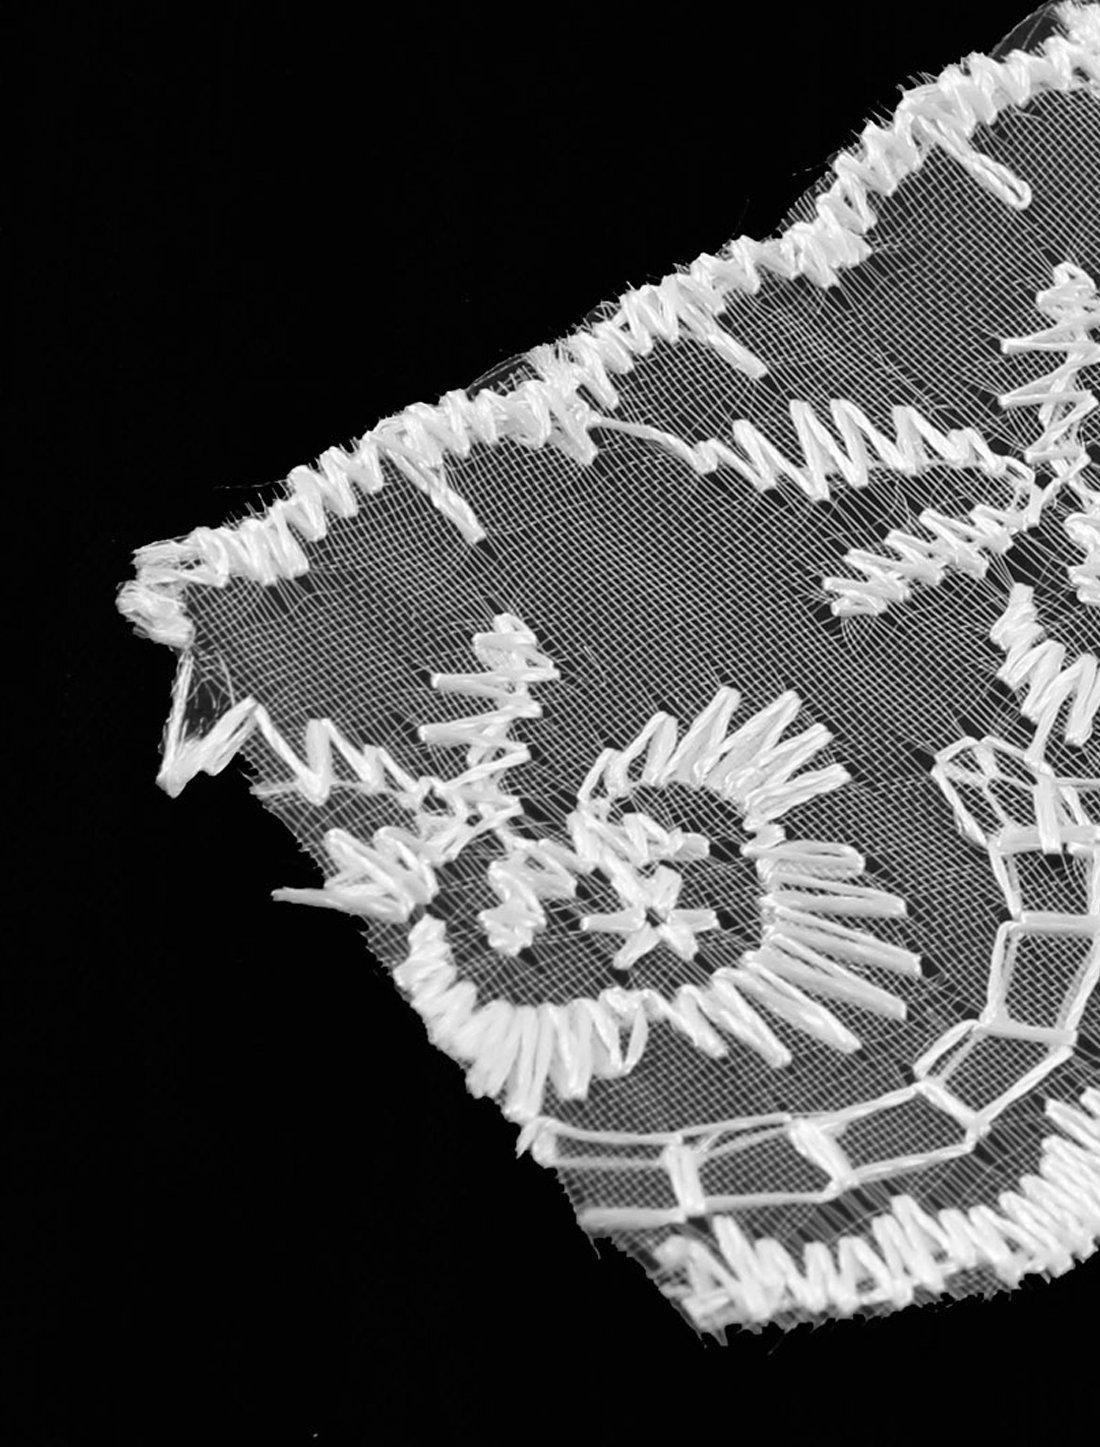 Amazon.com: eDealMax Ajuste de la Cinta del cordón del Vestido de Novia de Flores 4,5 cm Anchura 1M Blanco Largo: Home & Kitchen